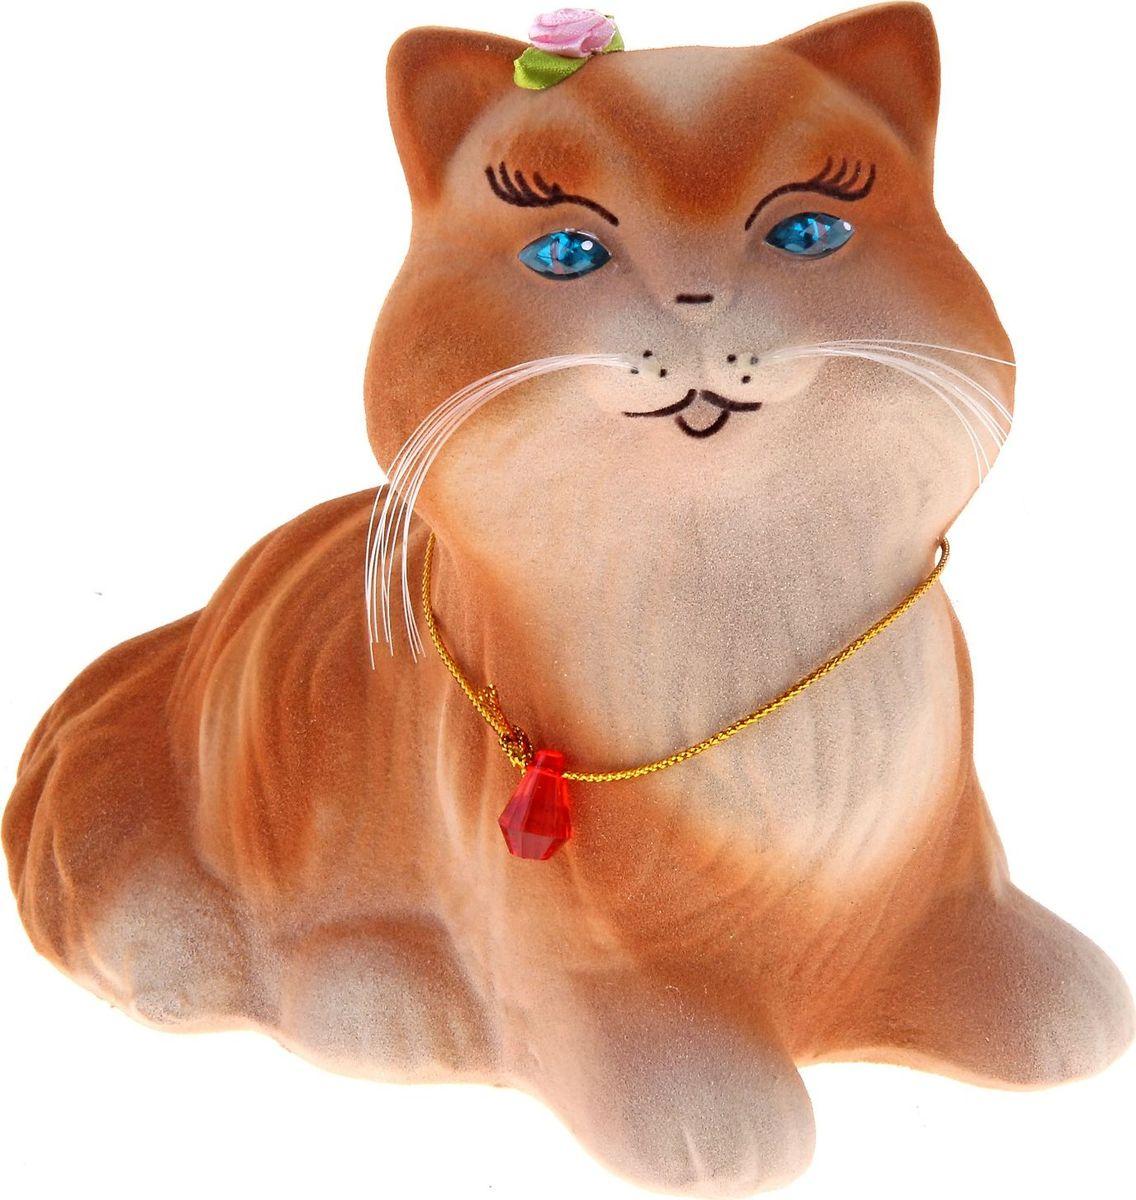 Копилка Керамика ручной работы Кошка Пушистик, 13 х 8 х 15 см172562Копилка-кошка символизирует хитрость. Она поможет своему хозяину быстро скопить желаемую сумму, поэтому не стоит удивляться совсем неожиданным финансовым поступлениям. Очень важно создать уют для своей копилки-кошки. Она любит комфорт, и если вы создадите его, она отплатить сполна.Обращаем ваше внимание, что копилка является одноразовой.